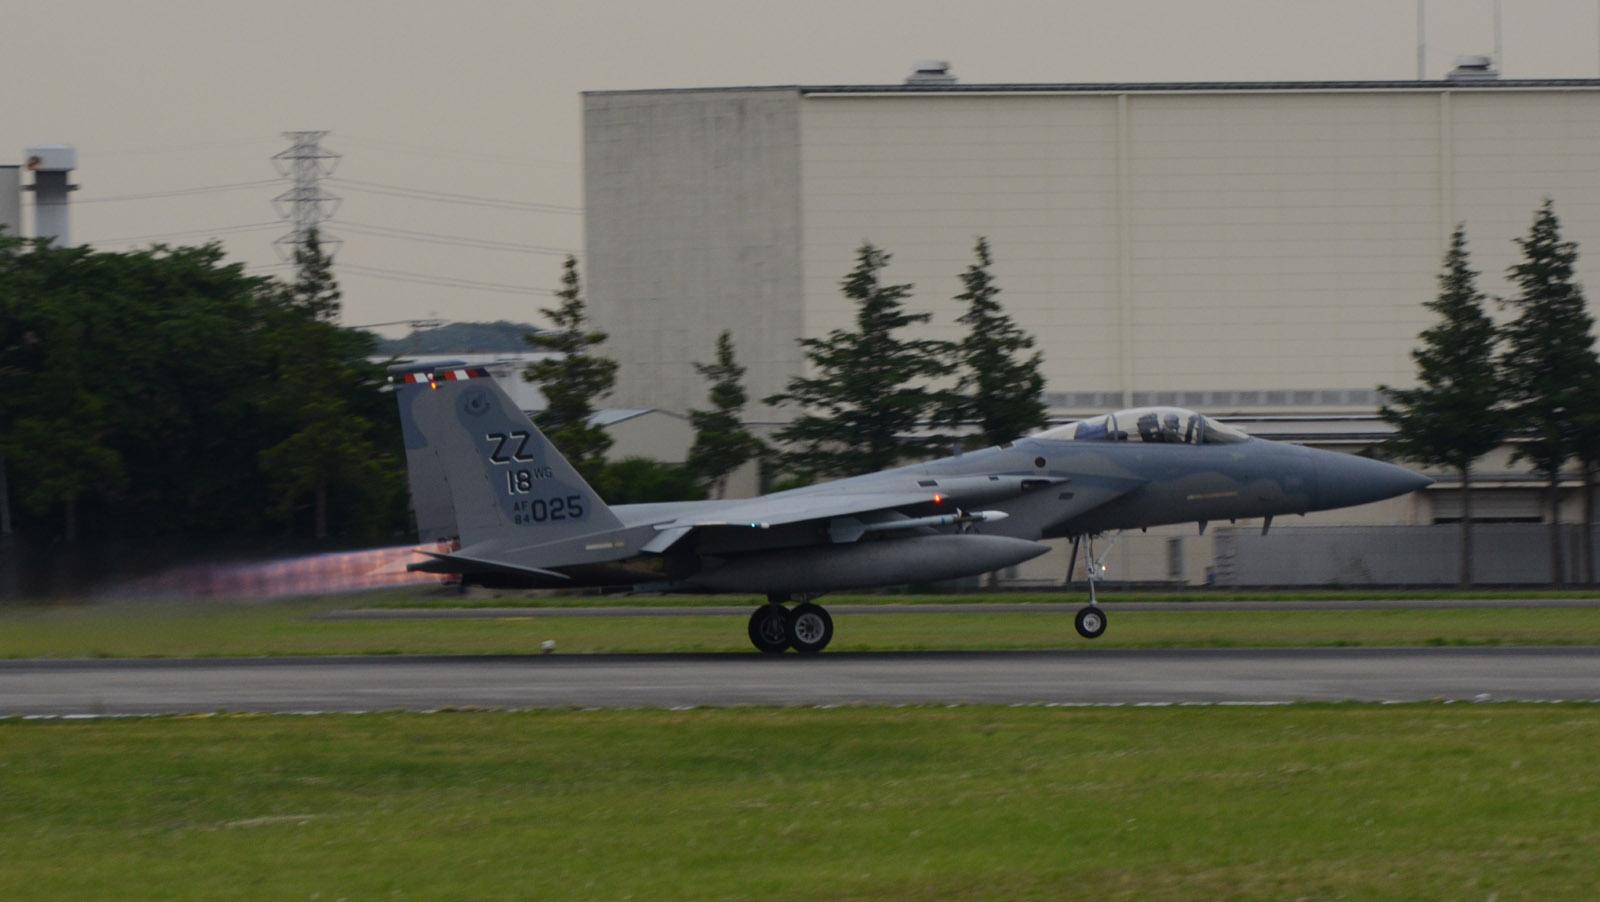 F15c150606g976